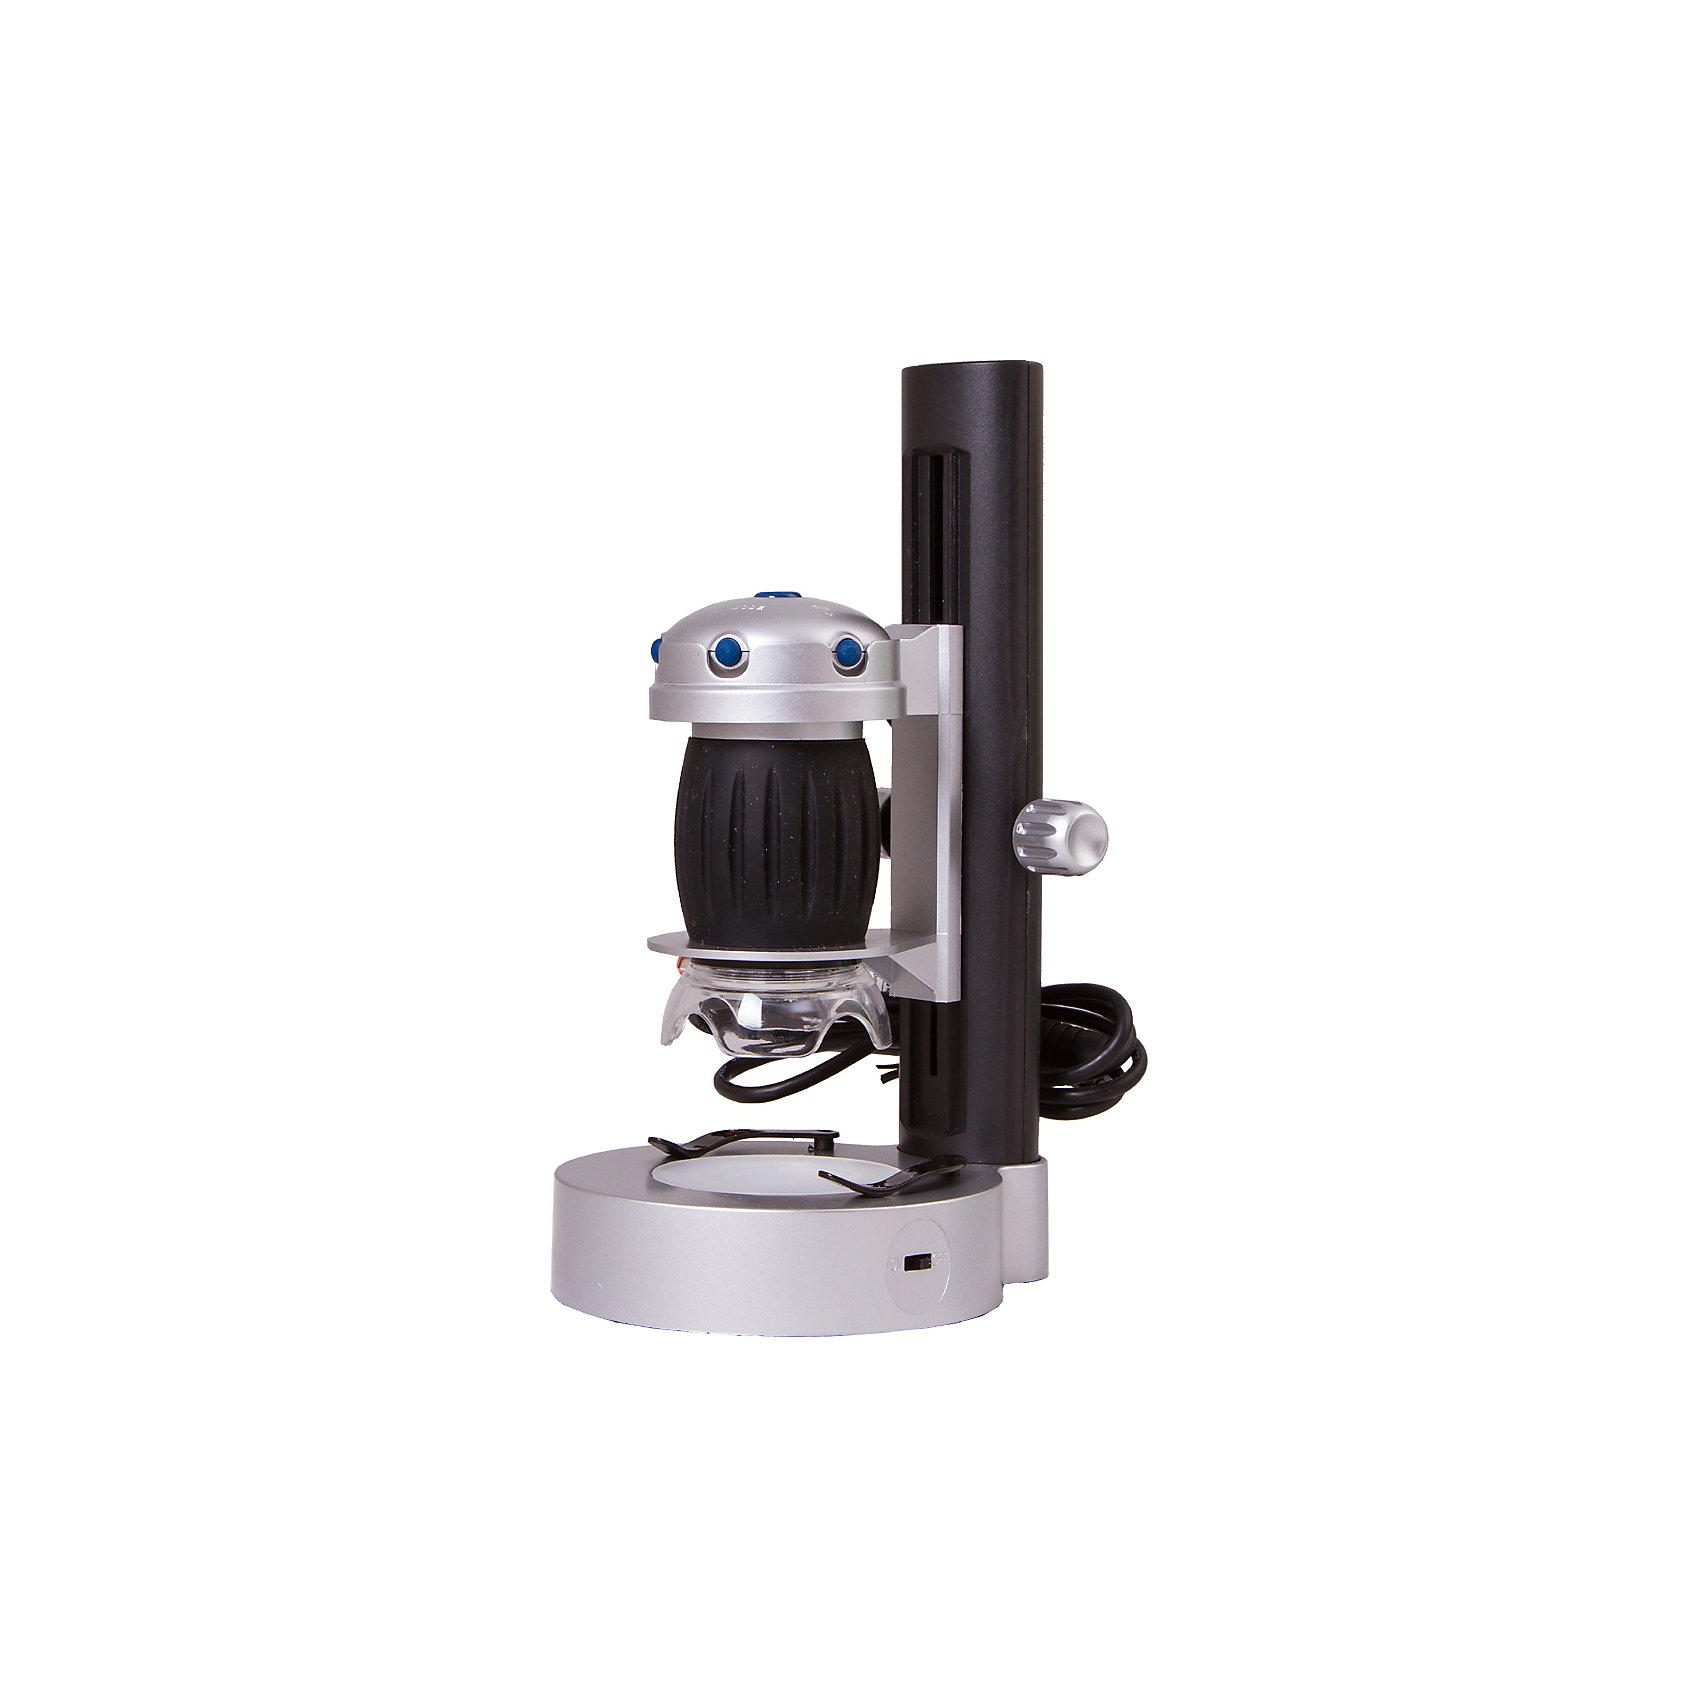 Микроскоп цифровой Bresser National Geographic USB, со штативомМикроскопы<br>Характеристики товара:<br><br>• материал: металл, пластик<br>• цифровой<br>• увеличение: до 200 крат<br>• системные требования: Win XP SP2, Win Vista/7, не менее 1 ГБ оперативной памяти, порт USB 2.0, CD/DVD-Rom<br>• подсветка: светодиодная<br>• подсветка работает от батареек 2хАА<br>• возможность записи фото (кнопка)<br>• вес: 0,67 кг<br>• размер: 23х13х11 см<br>• комплектация: микроскоп, готовые препараты, диск с ПО, штатив<br>• страна бренда: Германия<br><br>В этом наборе есть всё необходимое, чтобы приступить к опытам немедленно! Собственный микроскоп - это отличный способ заинтересовать ребенка наукой и привить ему интерес к учебе. Эта модель микроскопа была разработана специально для детей - он позволяет увеличивать препарат в 640 крат, с помощью этого дети могут исследовать состав и структуру разнообразных предметов, веществ и организмов. Благодаря стильному дизайну этот микроскоп отлично вписывается в интерьер!<br><br>Оптические приборы от немецкой компании Bresser уже успели зарекомендовать себя как качественная и надежная продукция. Для их производства используются только безопасные и проверенные материалы. Такой прибор способен прослужить долго. Подарите ребенку интересную и полезную вещь!<br><br>Микроскоп цифровой Bresser National Geographic USB, со штативом, от известного бренда Bresser (Брессер) можно купить в нашем интернет-магазине.<br><br>Ширина мм: 230<br>Глубина мм: 135<br>Высота мм: 110<br>Вес г: 670<br>Возраст от месяцев: 60<br>Возраст до месяцев: 2147483647<br>Пол: Унисекс<br>Возраст: Детский<br>SKU: 5435308